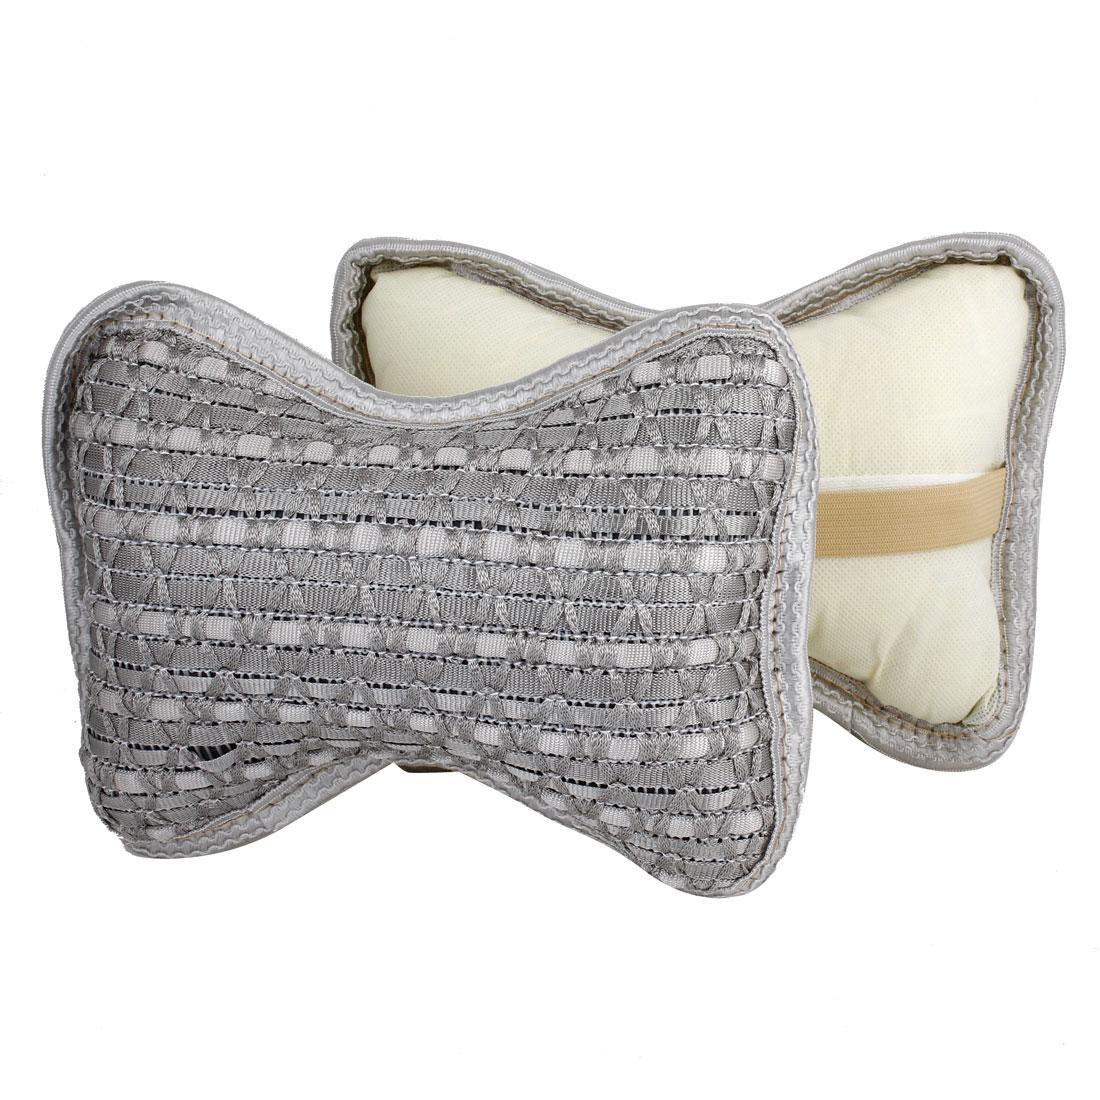 Vehicle Car Auto Bone Shaped Zipper Closure Neck Head Rest Cushion Pillows Gray Pair